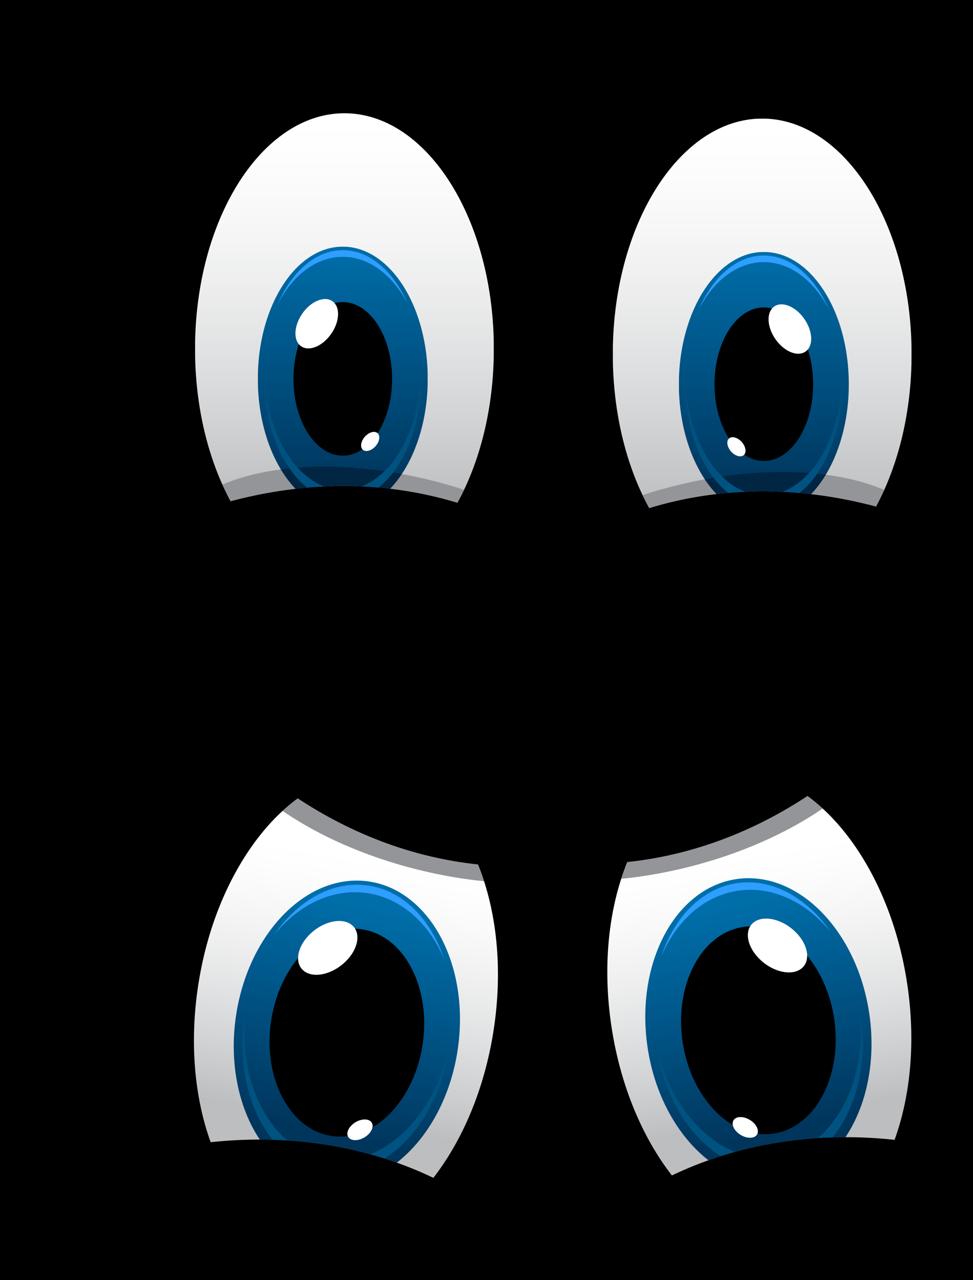 Картинка мультяшного глаза